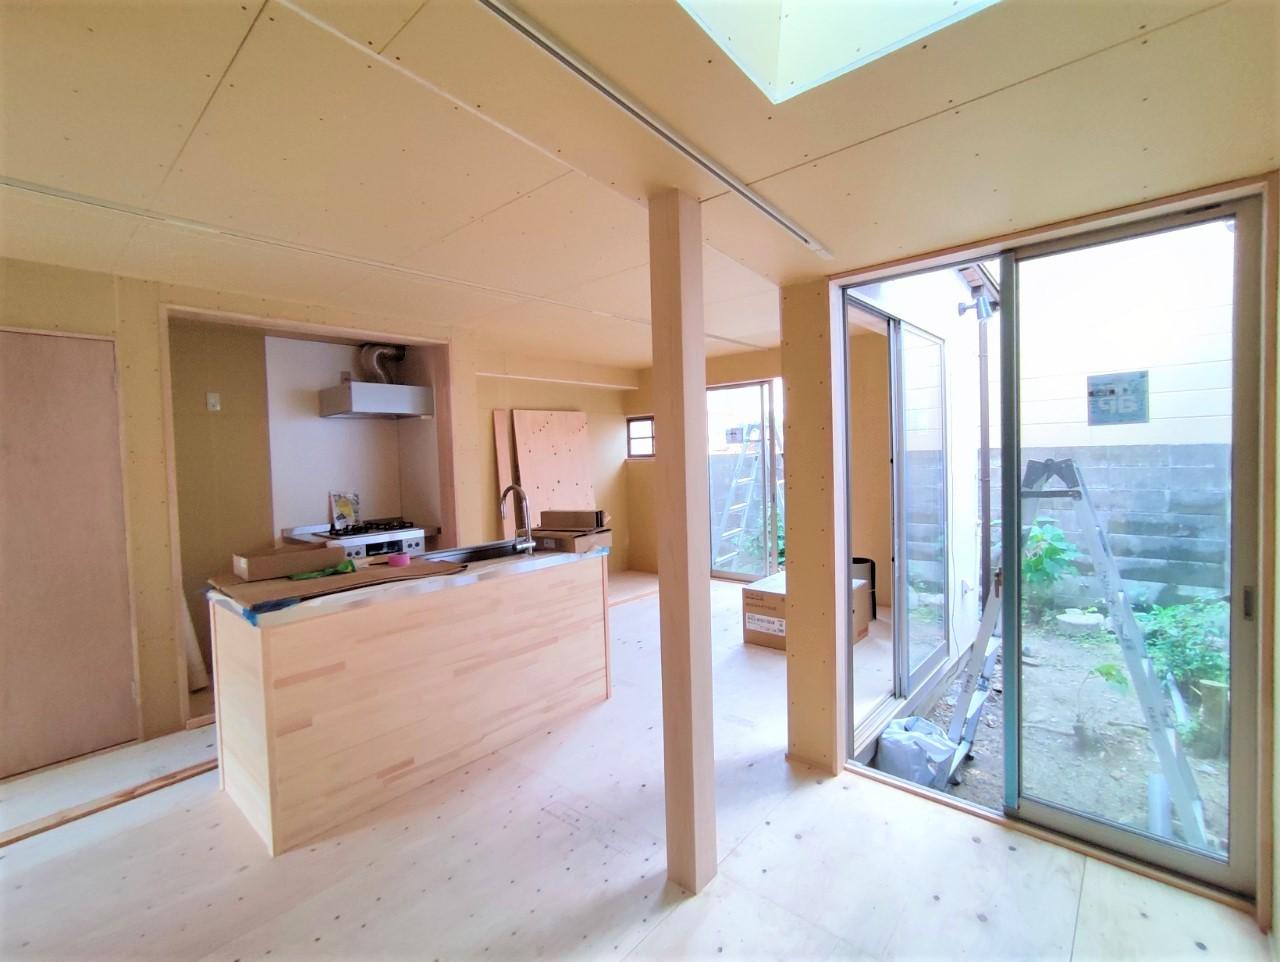 (オープンハウス開催)DIYハウス販売します 京都市左京区一乗寺3380万円